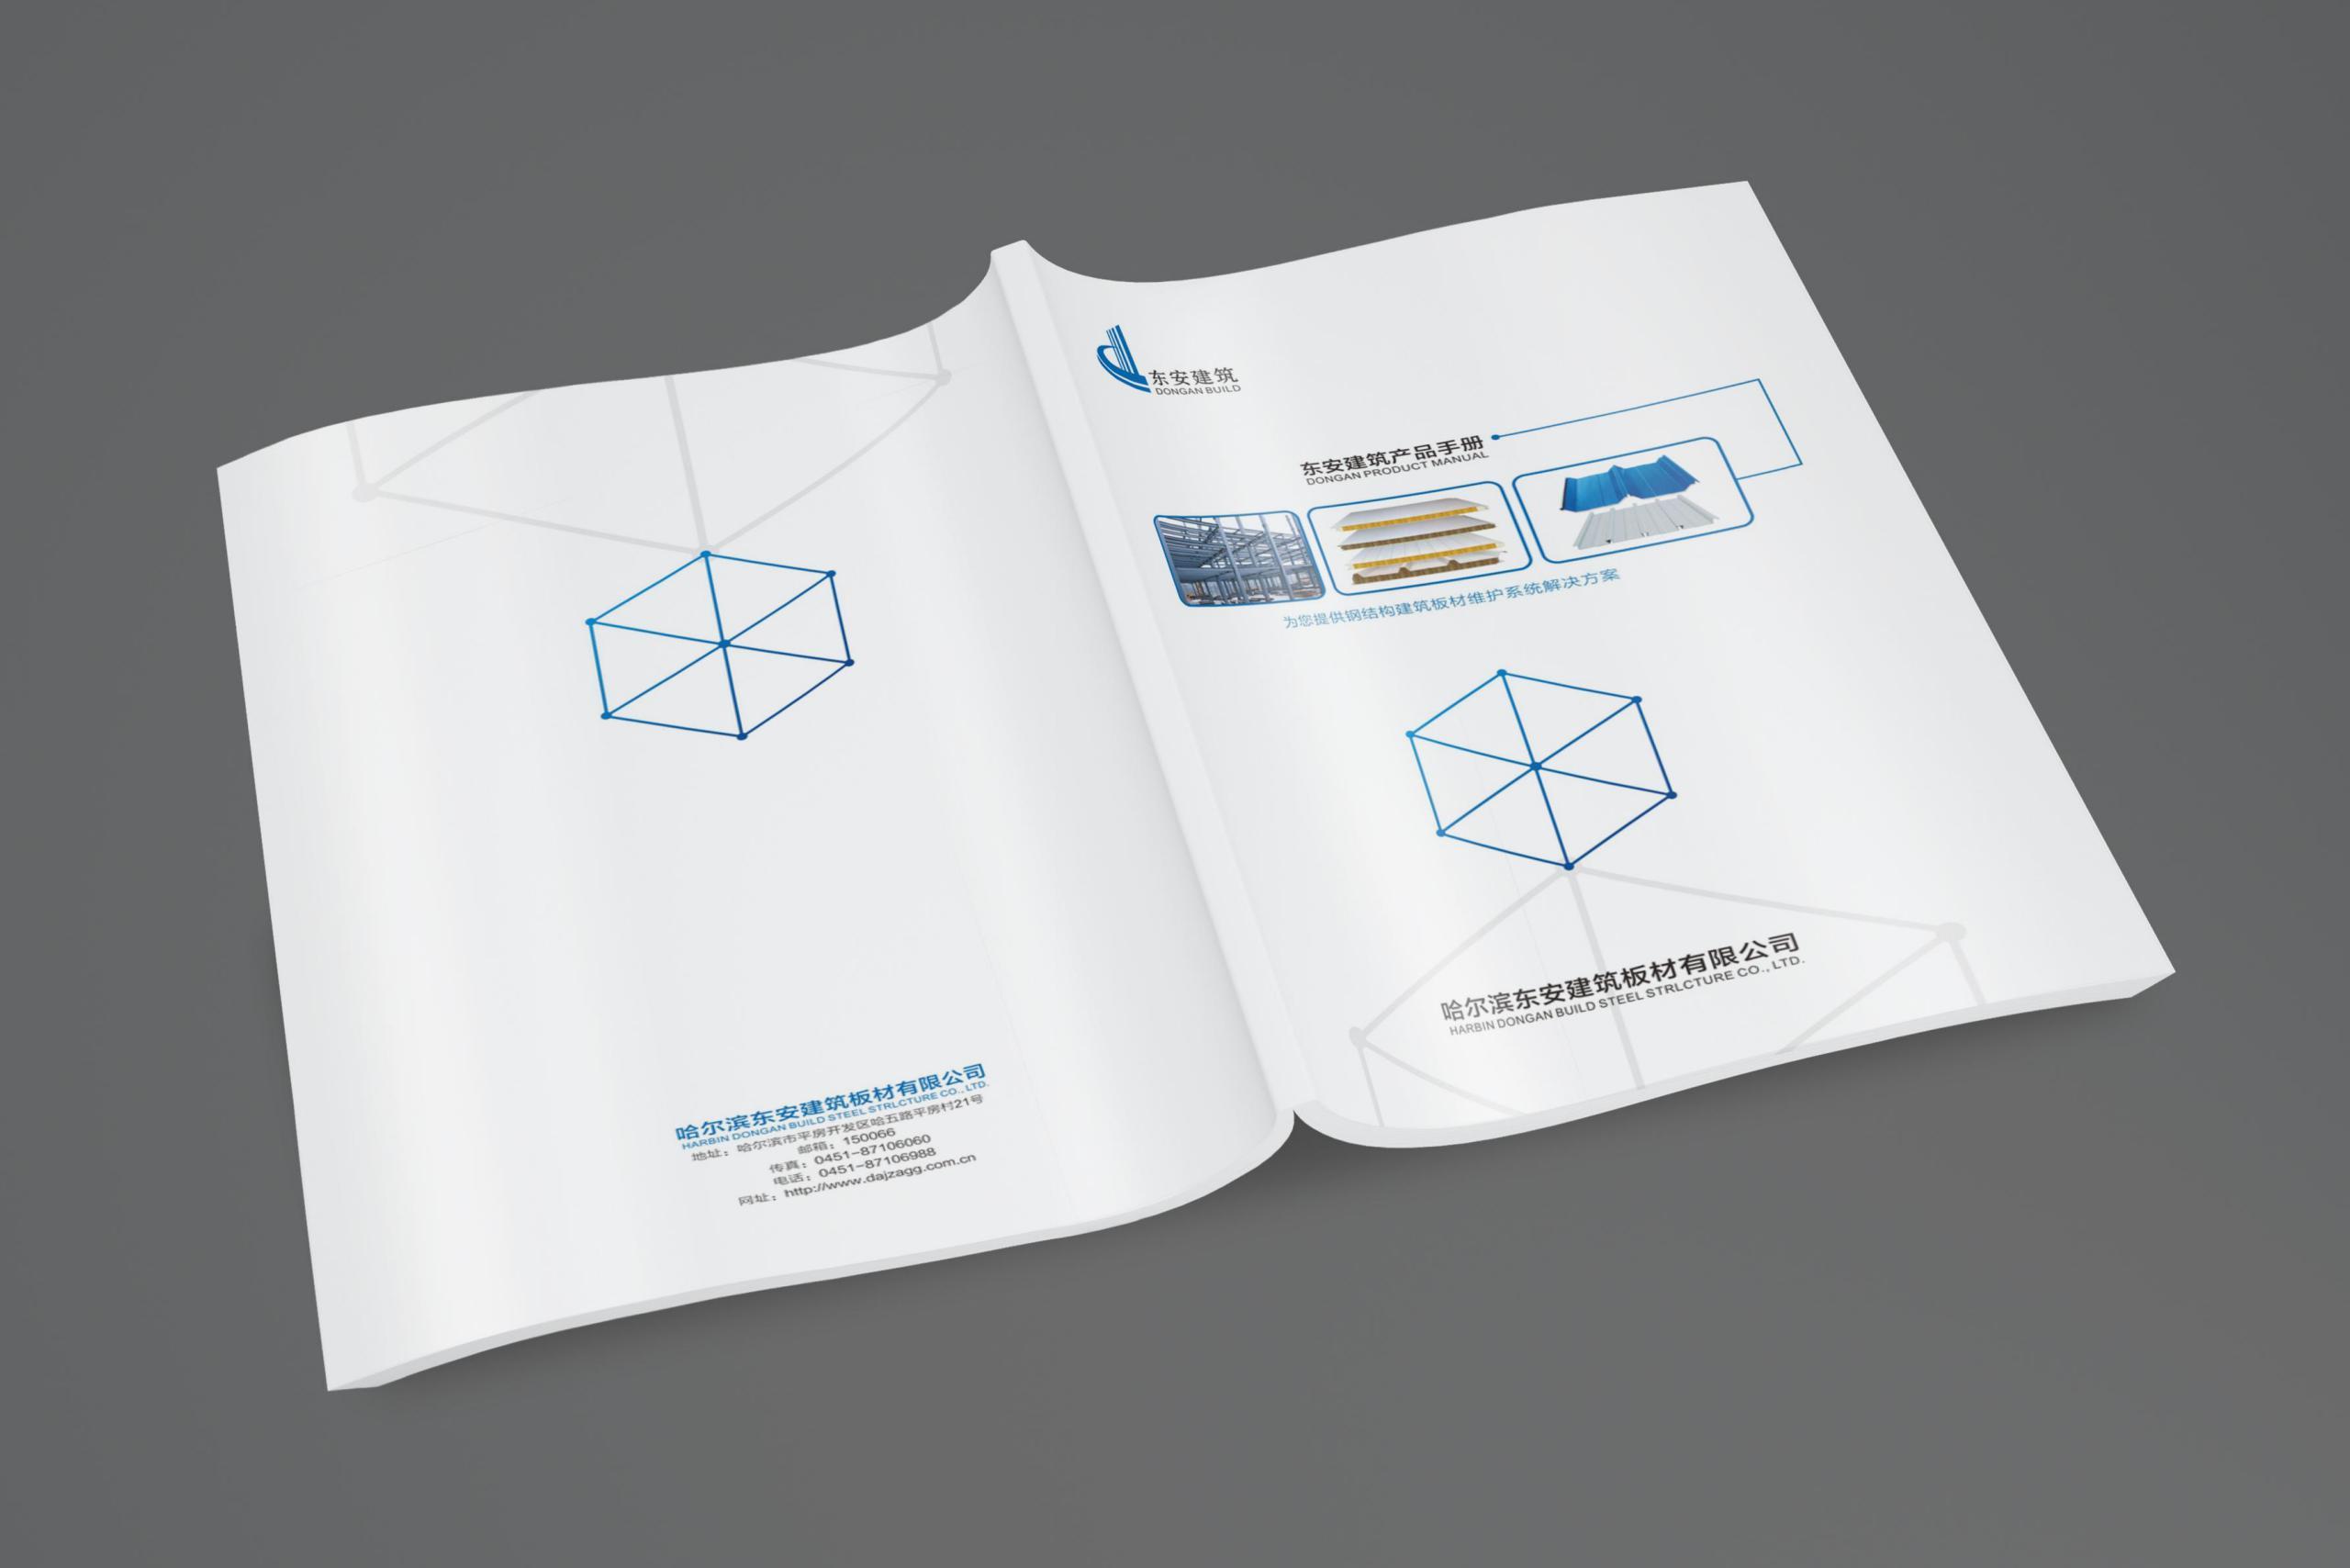 创意设计画册设计餐饮医疗酒店宣传册设计画册设计招商封面画册